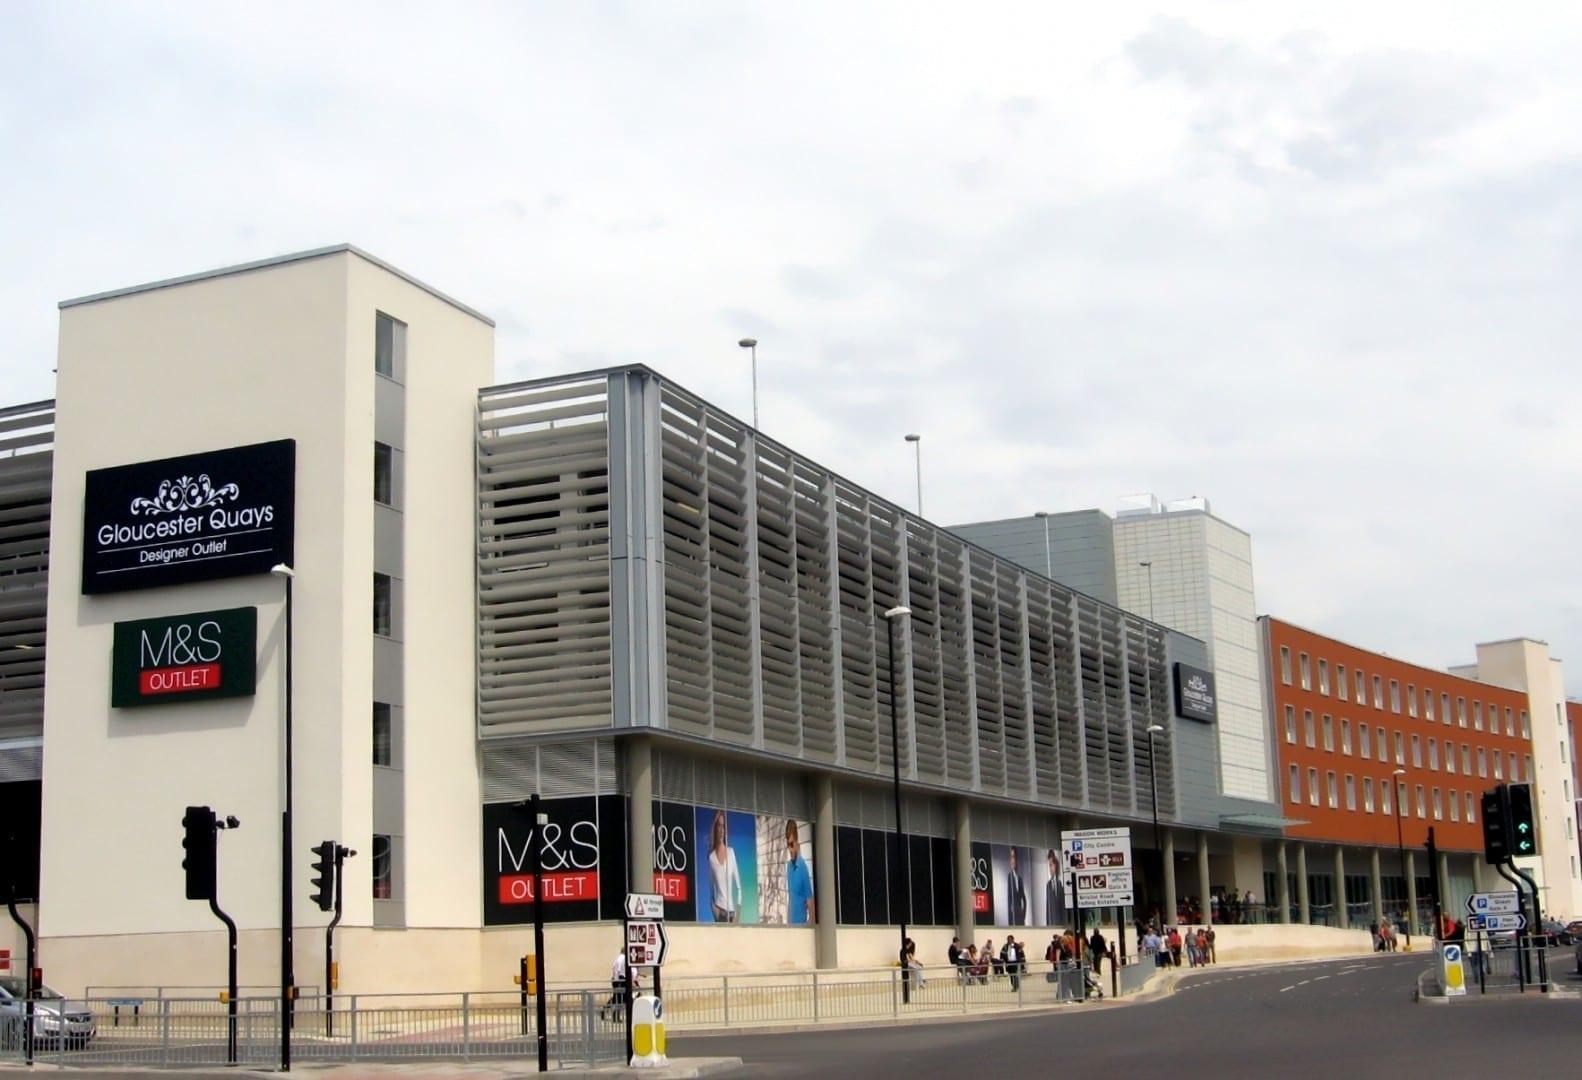 La tienda de diseño de Gloucester Quays Gloucester Reino Unido